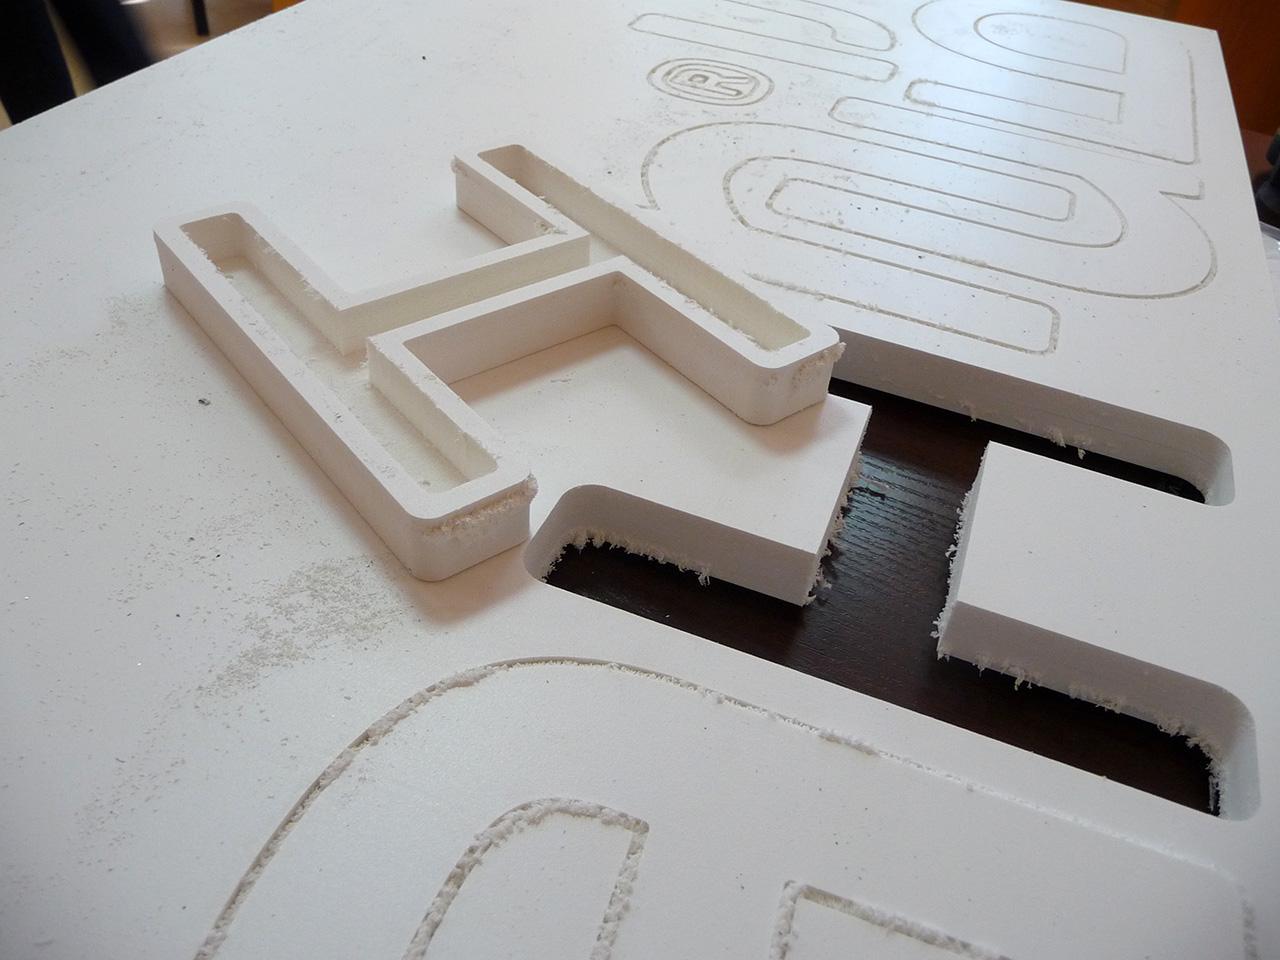 Как сделать объемные буквы своми руками. Шаблон